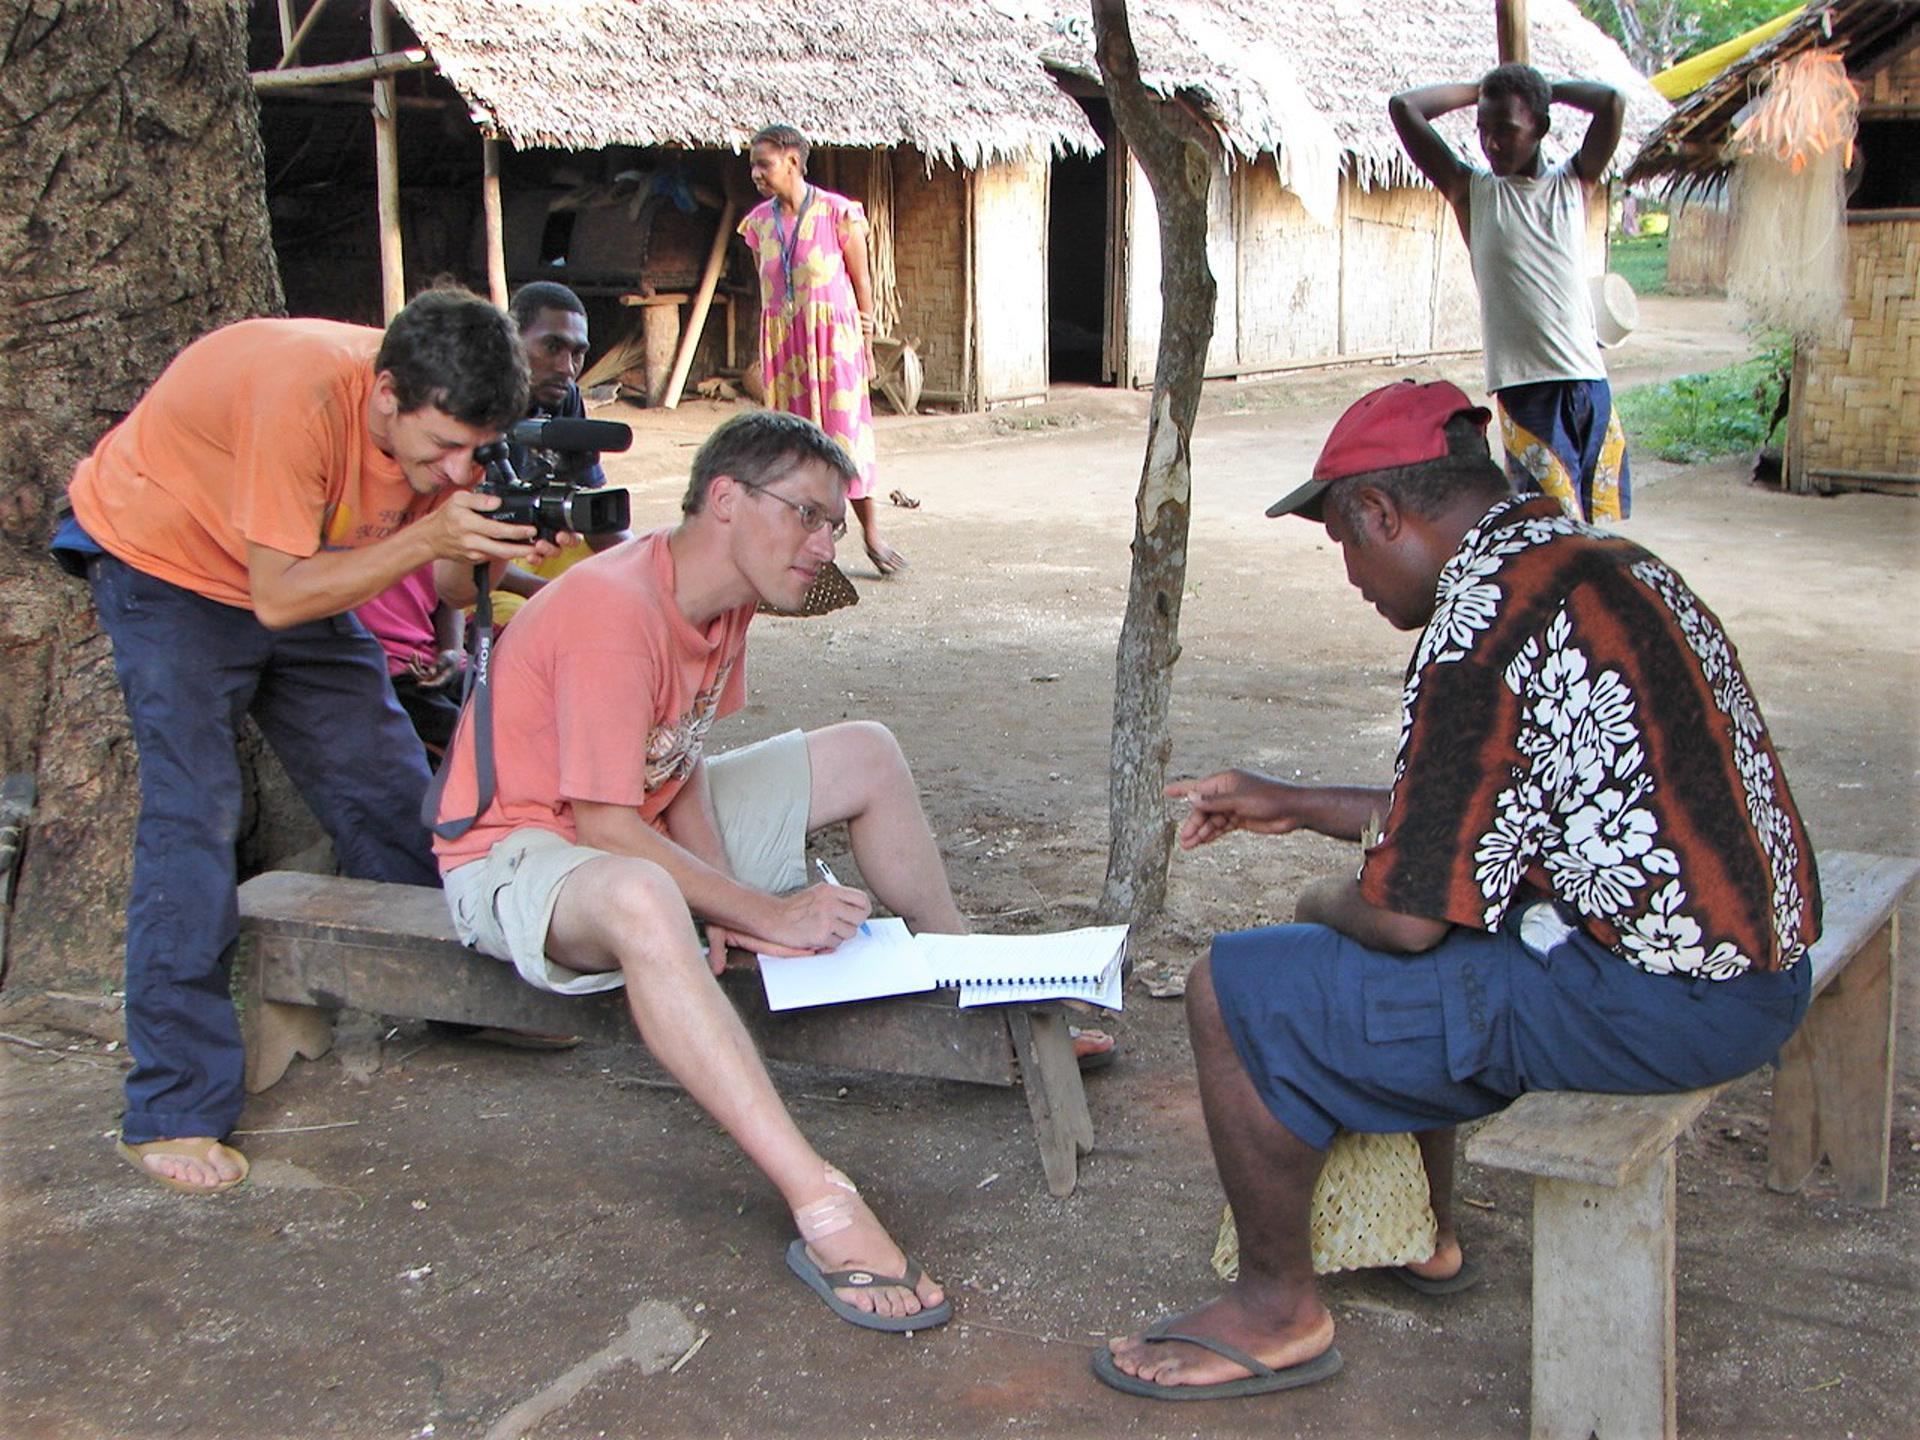 Le linguiste Alexandre François, avec l'aide de René Wolman, transcrit les récits enregistrés en 1969 auprès de feu son père, Wanhan – le dernier conteur connu en langue volow. (île Motalava, Vanuatu, déc 2005). Photo A. François